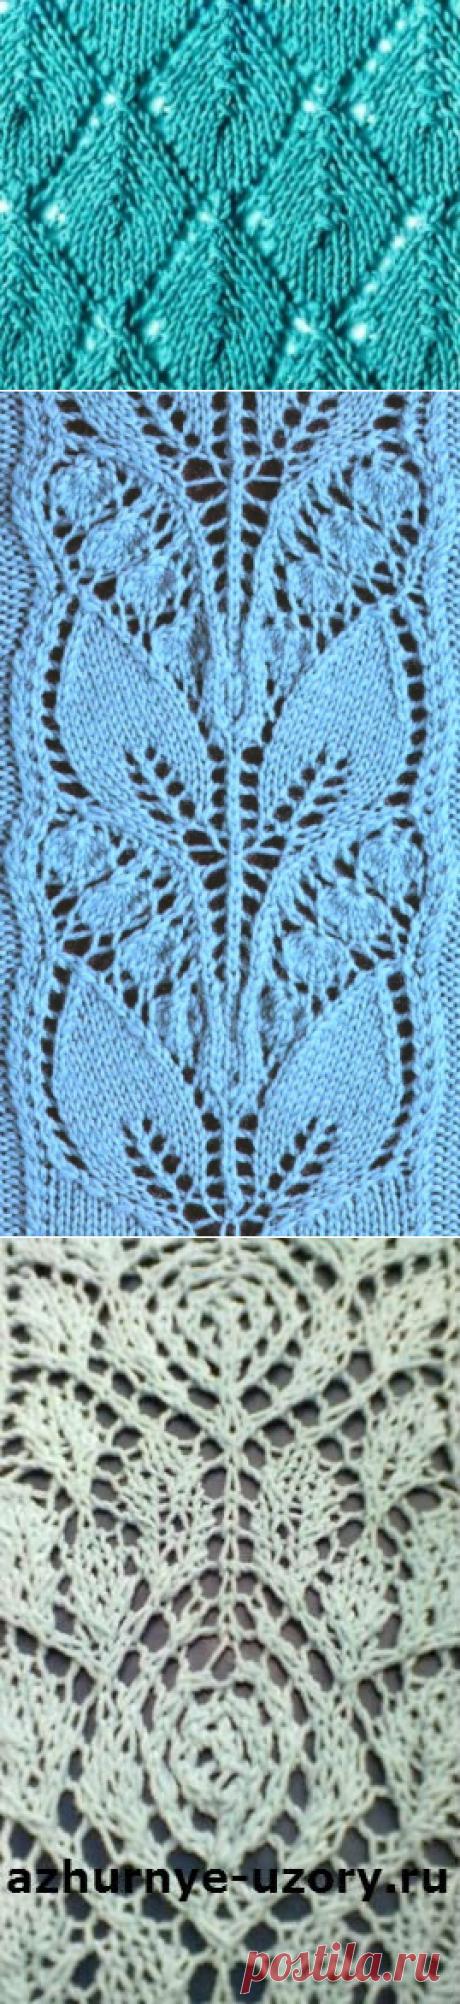 Растительные узоры-вязание спицами. Коллекция( продолжение).